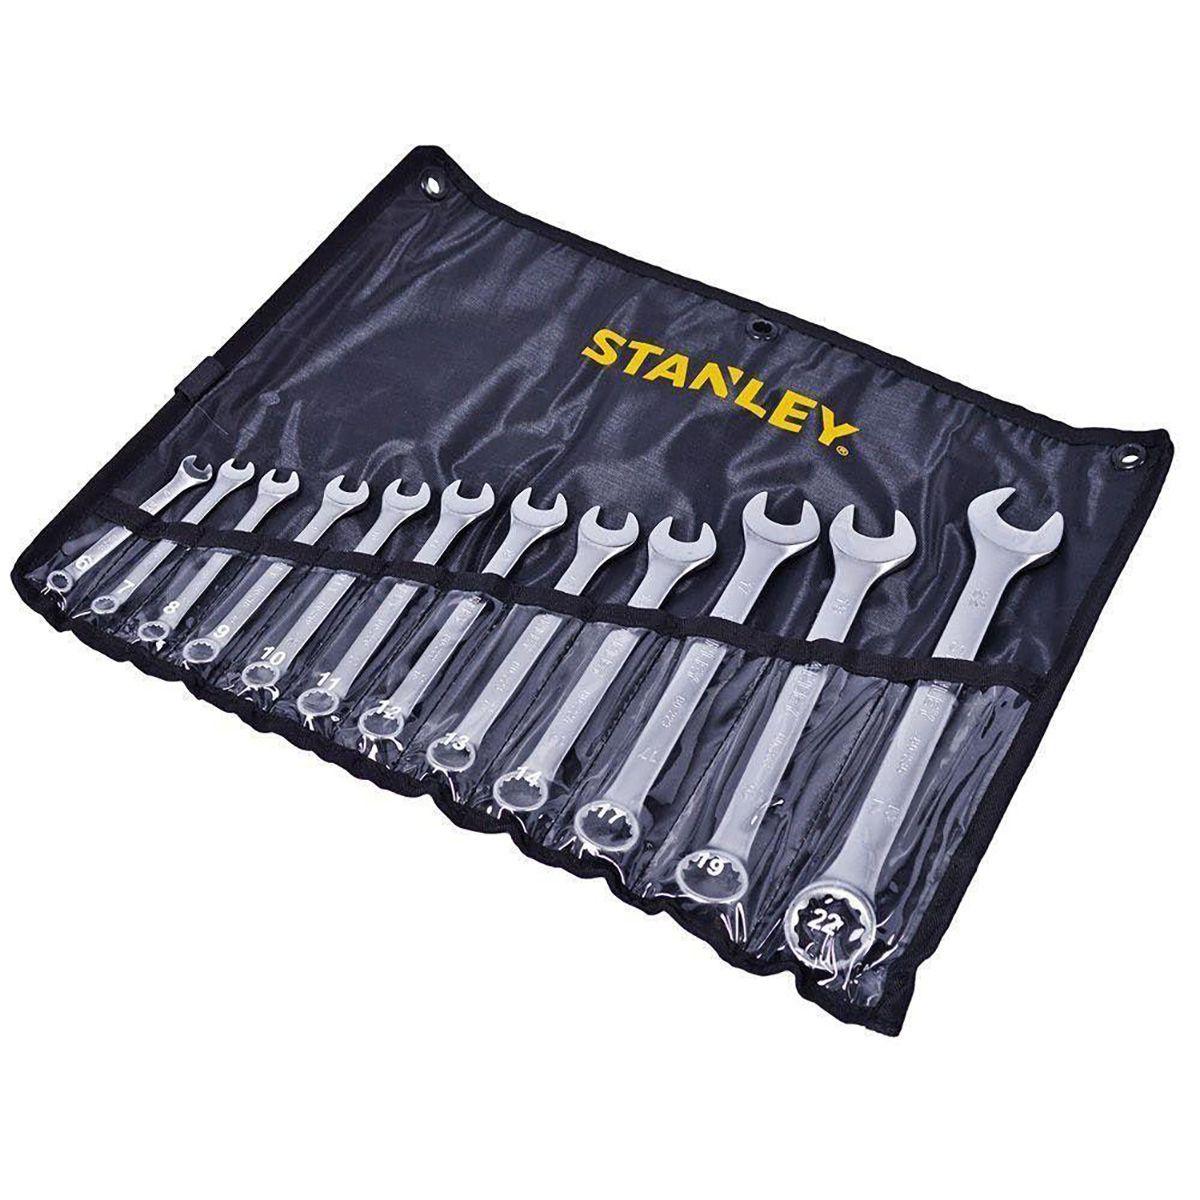 Jogo de Chave Combinadas 6 a 22Mm 12Pç Stanley